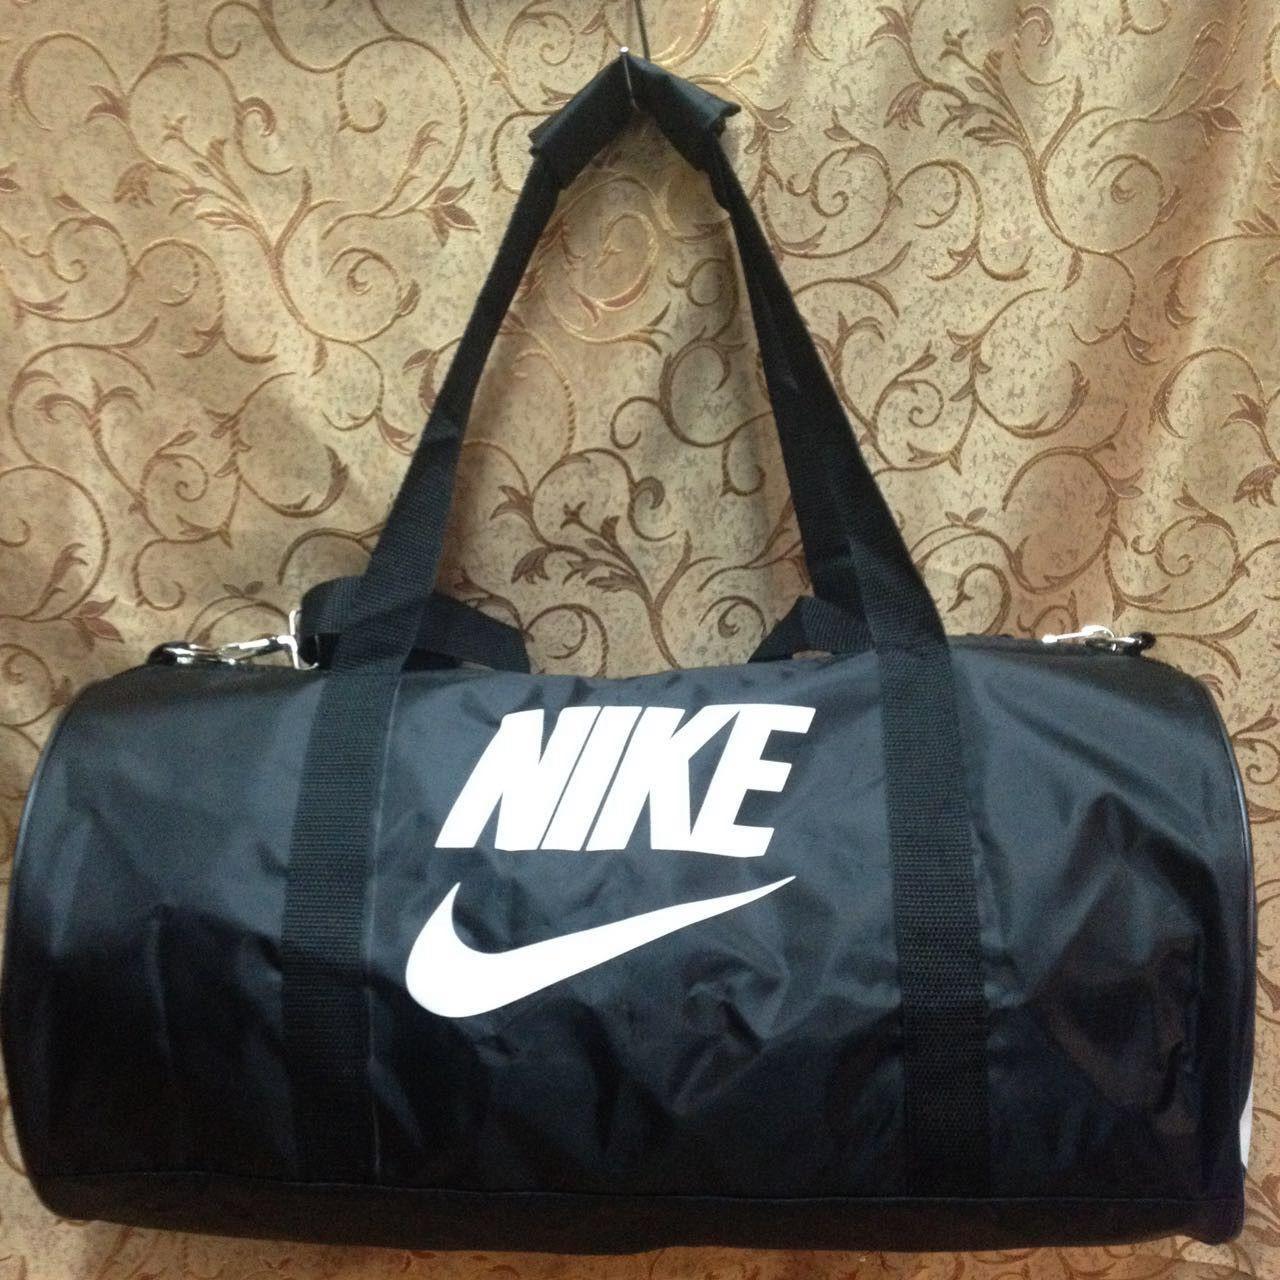 6c1c602e6601a Спортивная сумка-цилиндр Nike, Найк черная с белым: продажа, цена в ...